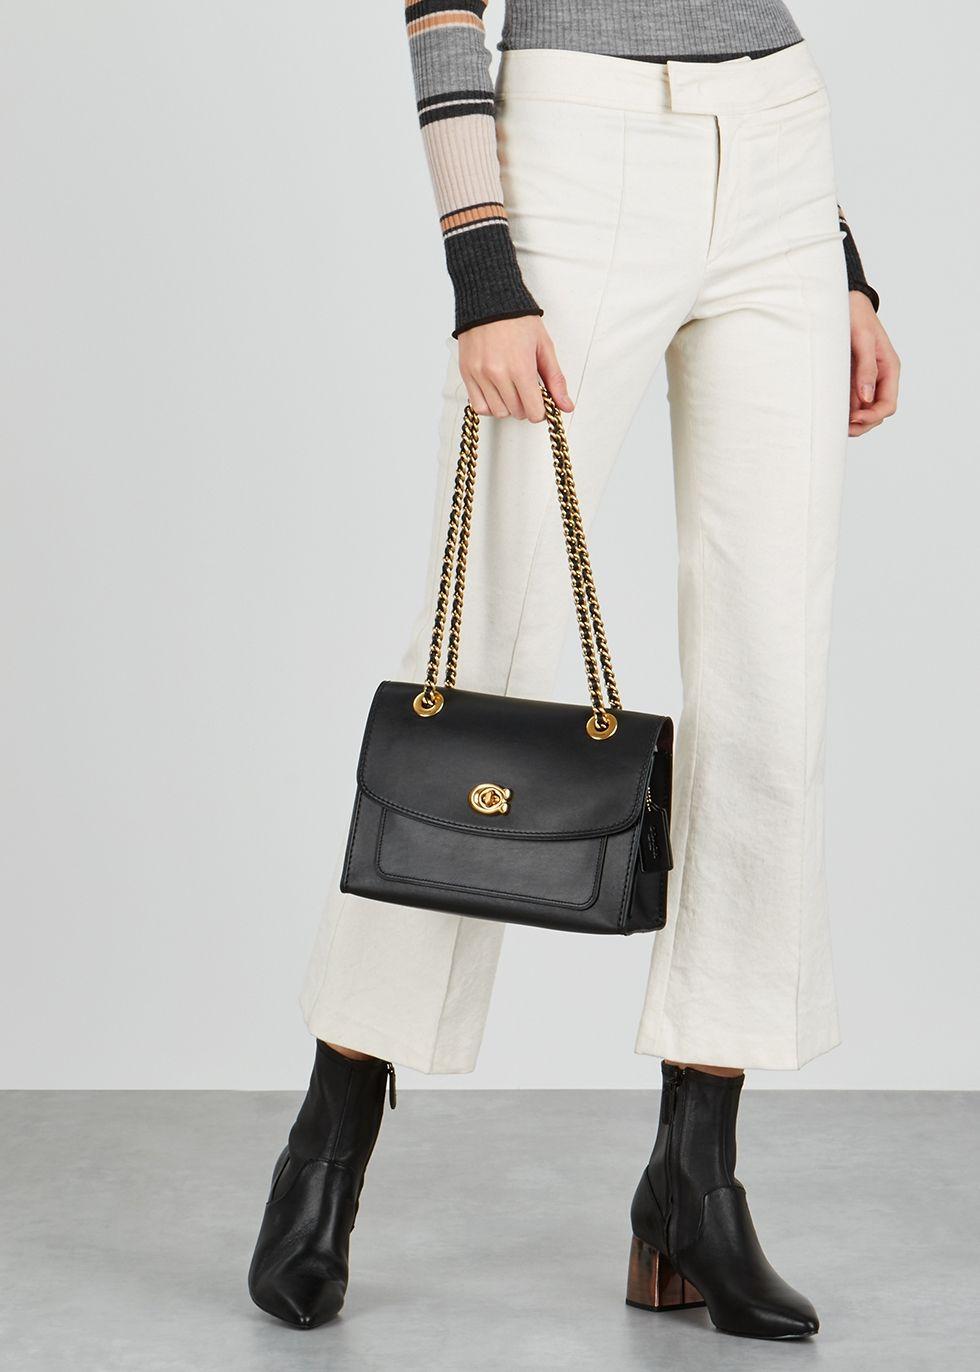 3f762d22f Parker black leather shoulder bag in 2019 | Christmas 18' | Leather ...